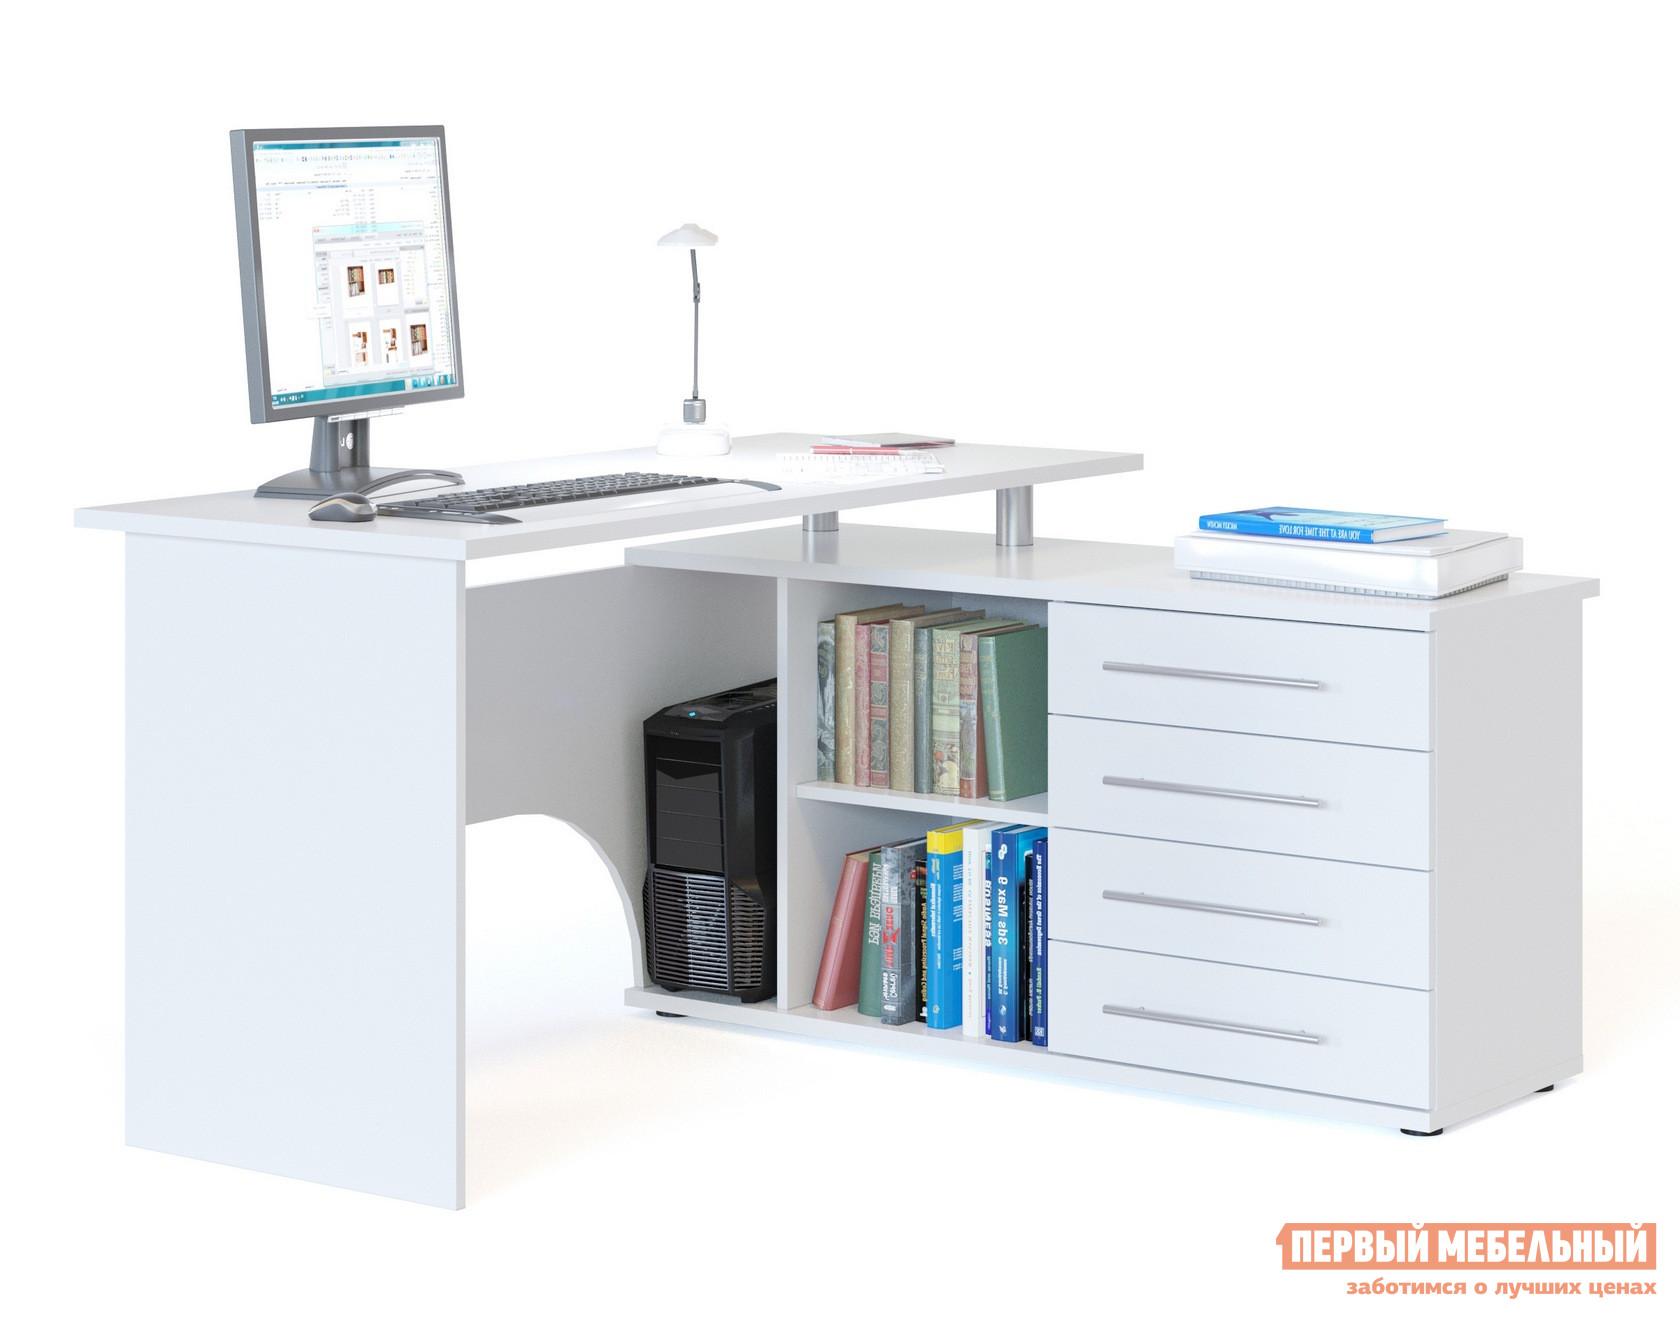 Письменный стол Сокол КСТ-109 Белый, Правый